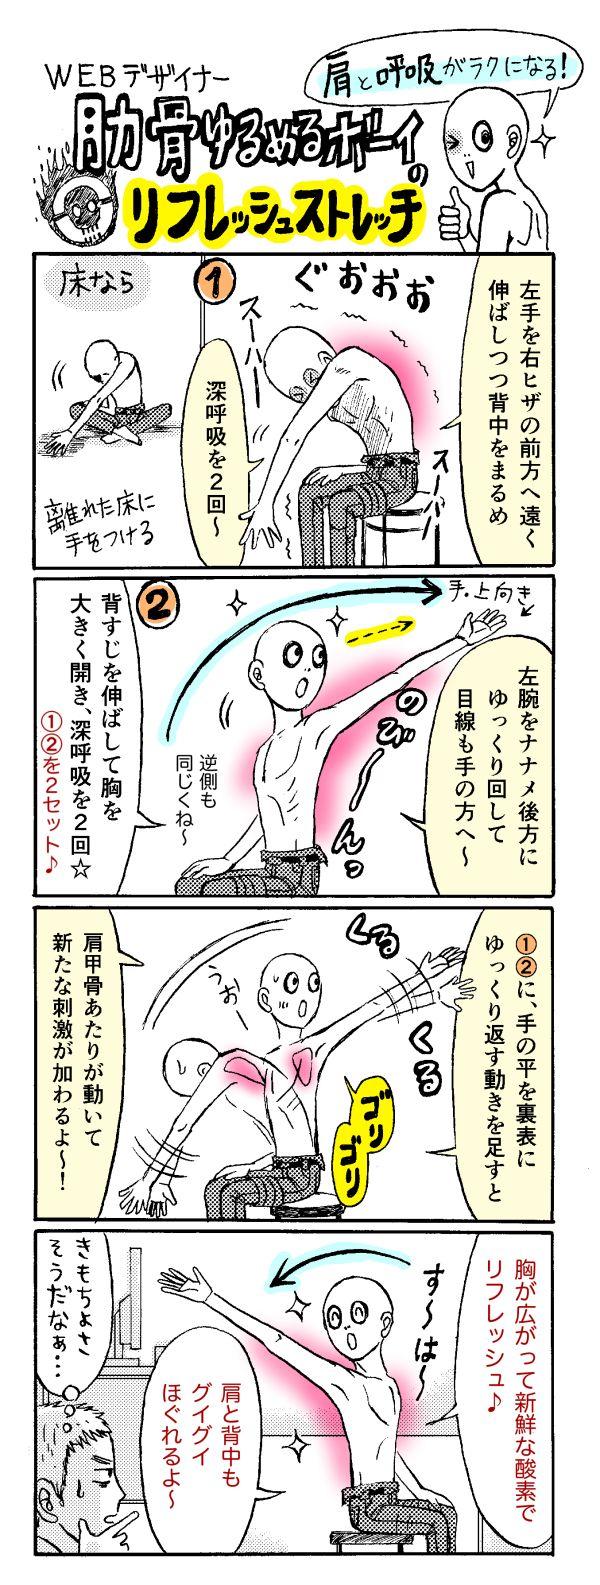 【TVで紹介】肩こりやわらぐ「肋骨ゆるめるストレッチ」とは? - いまトピ